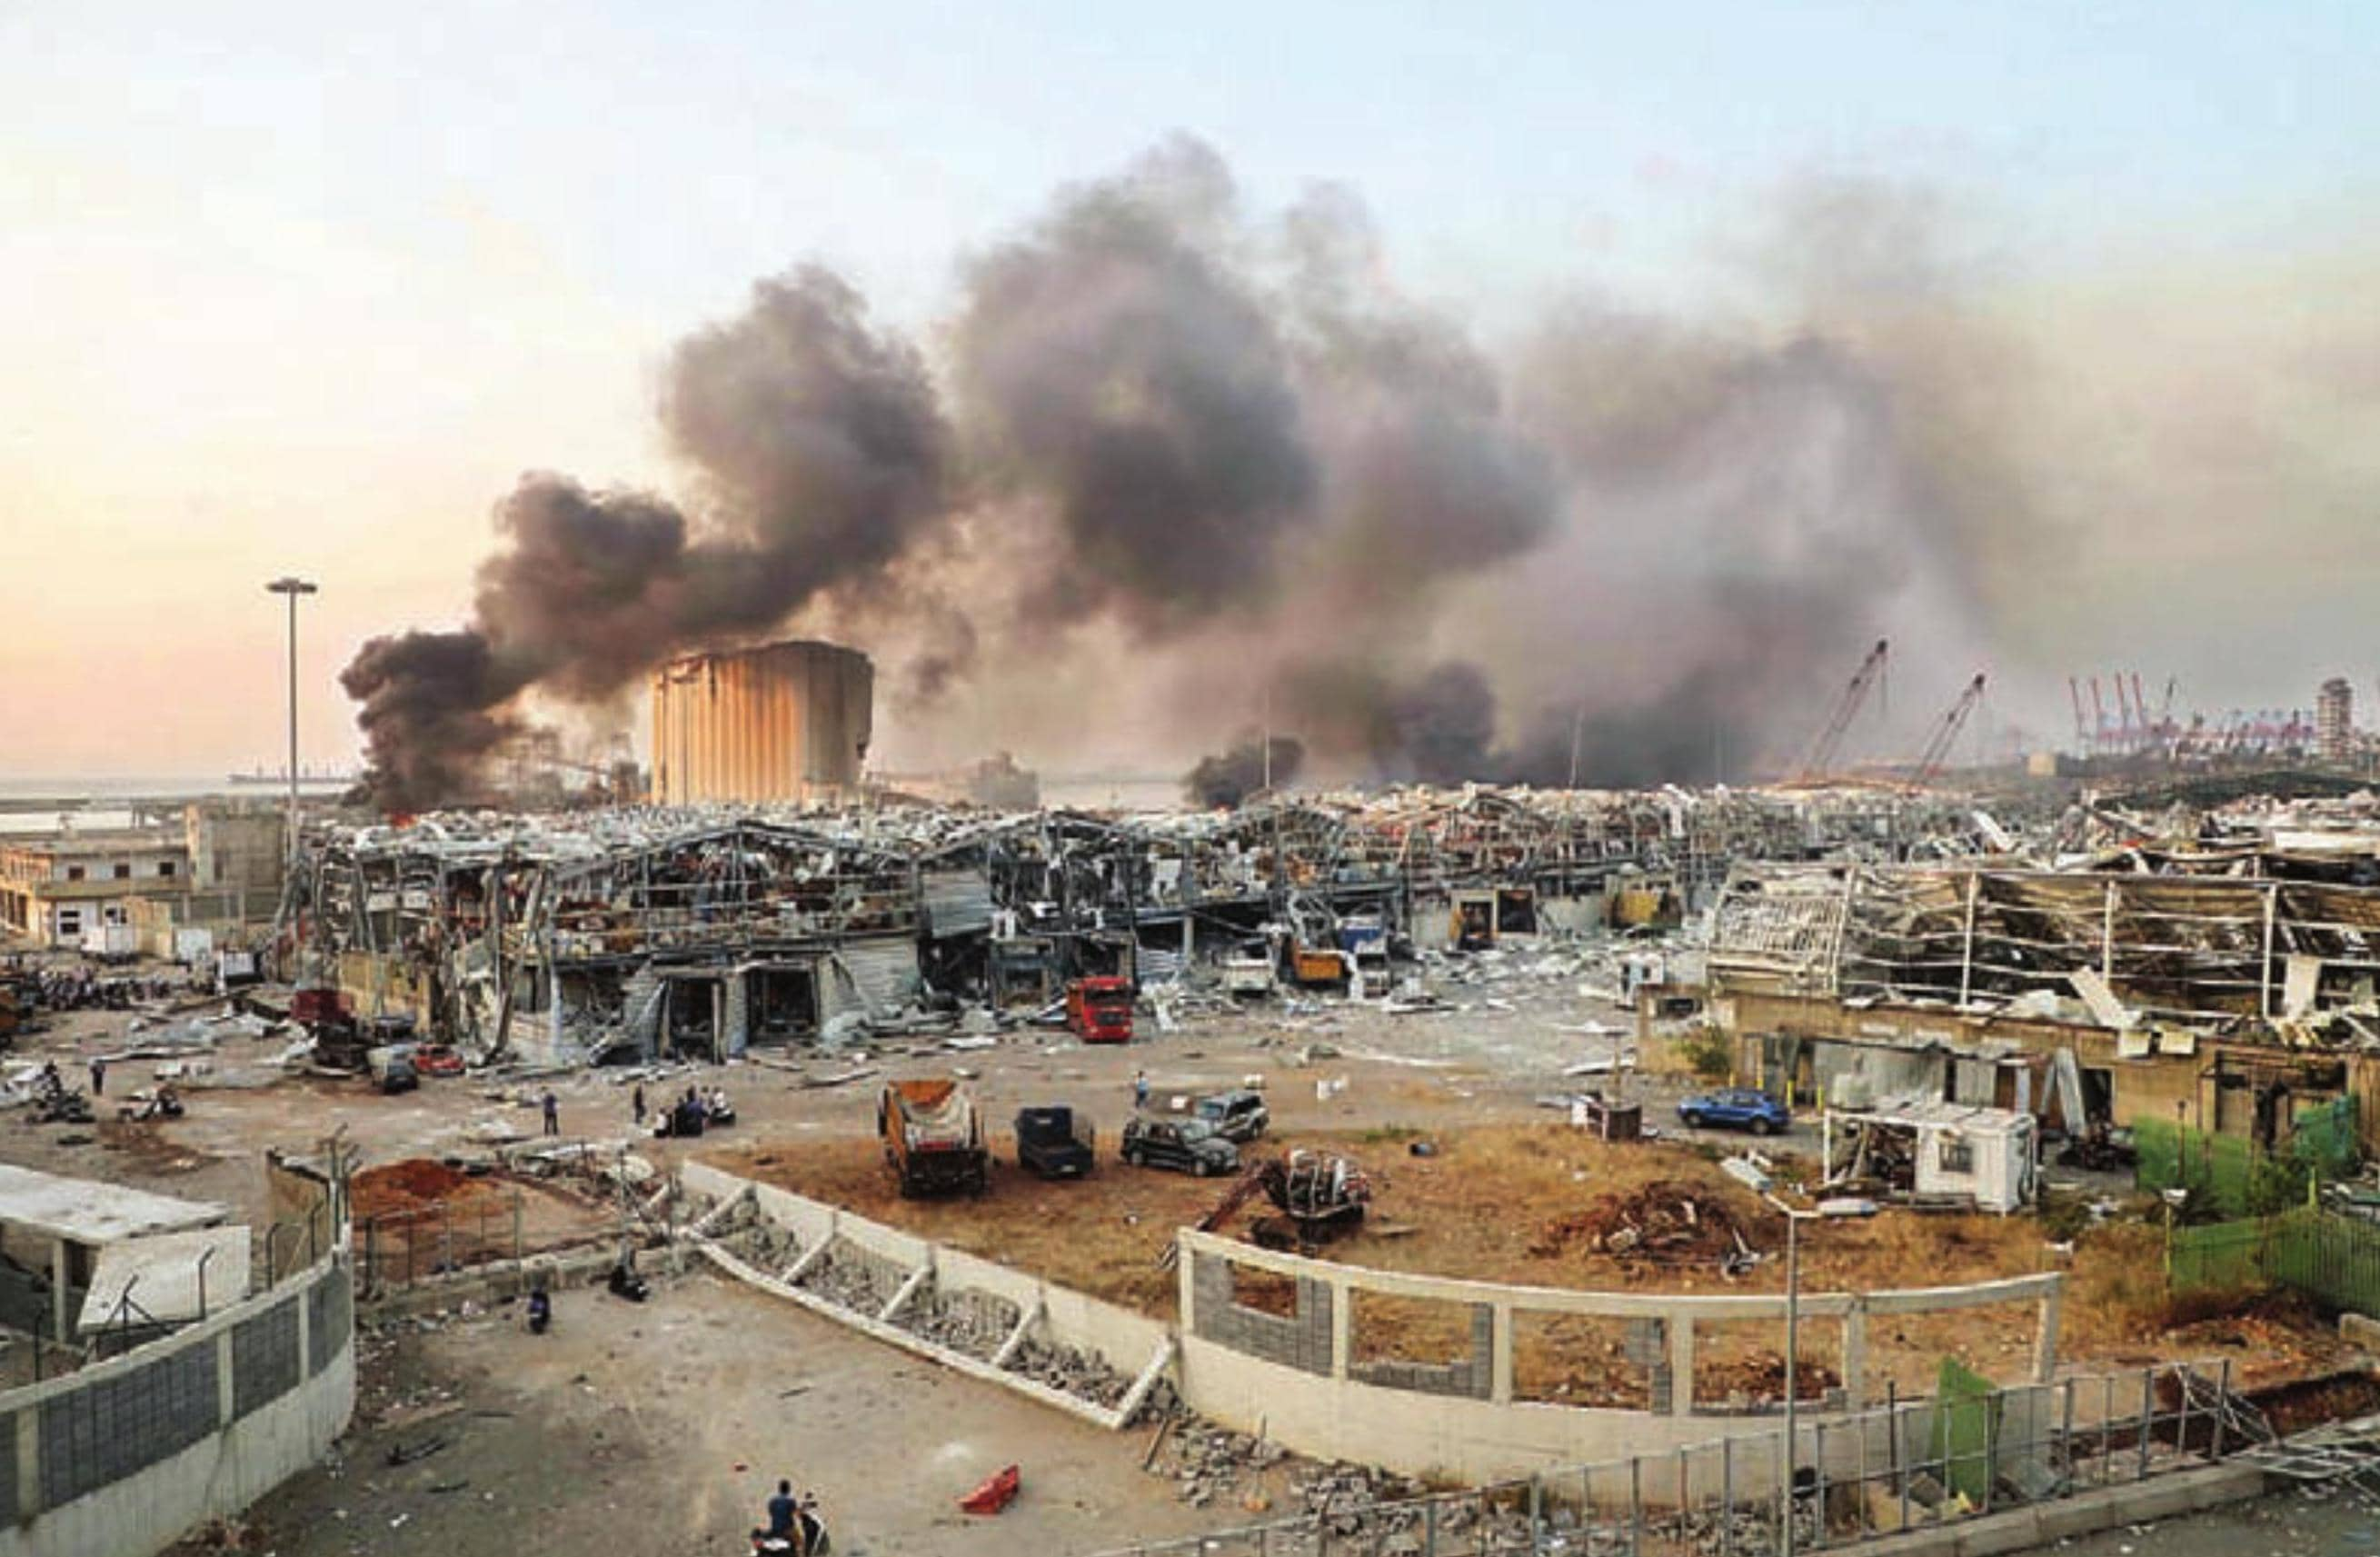 बेरुत विस्फोट : 100 से अधिक की मौत, 4000 से ज्यादा हो सकती है घायलों की संख्या